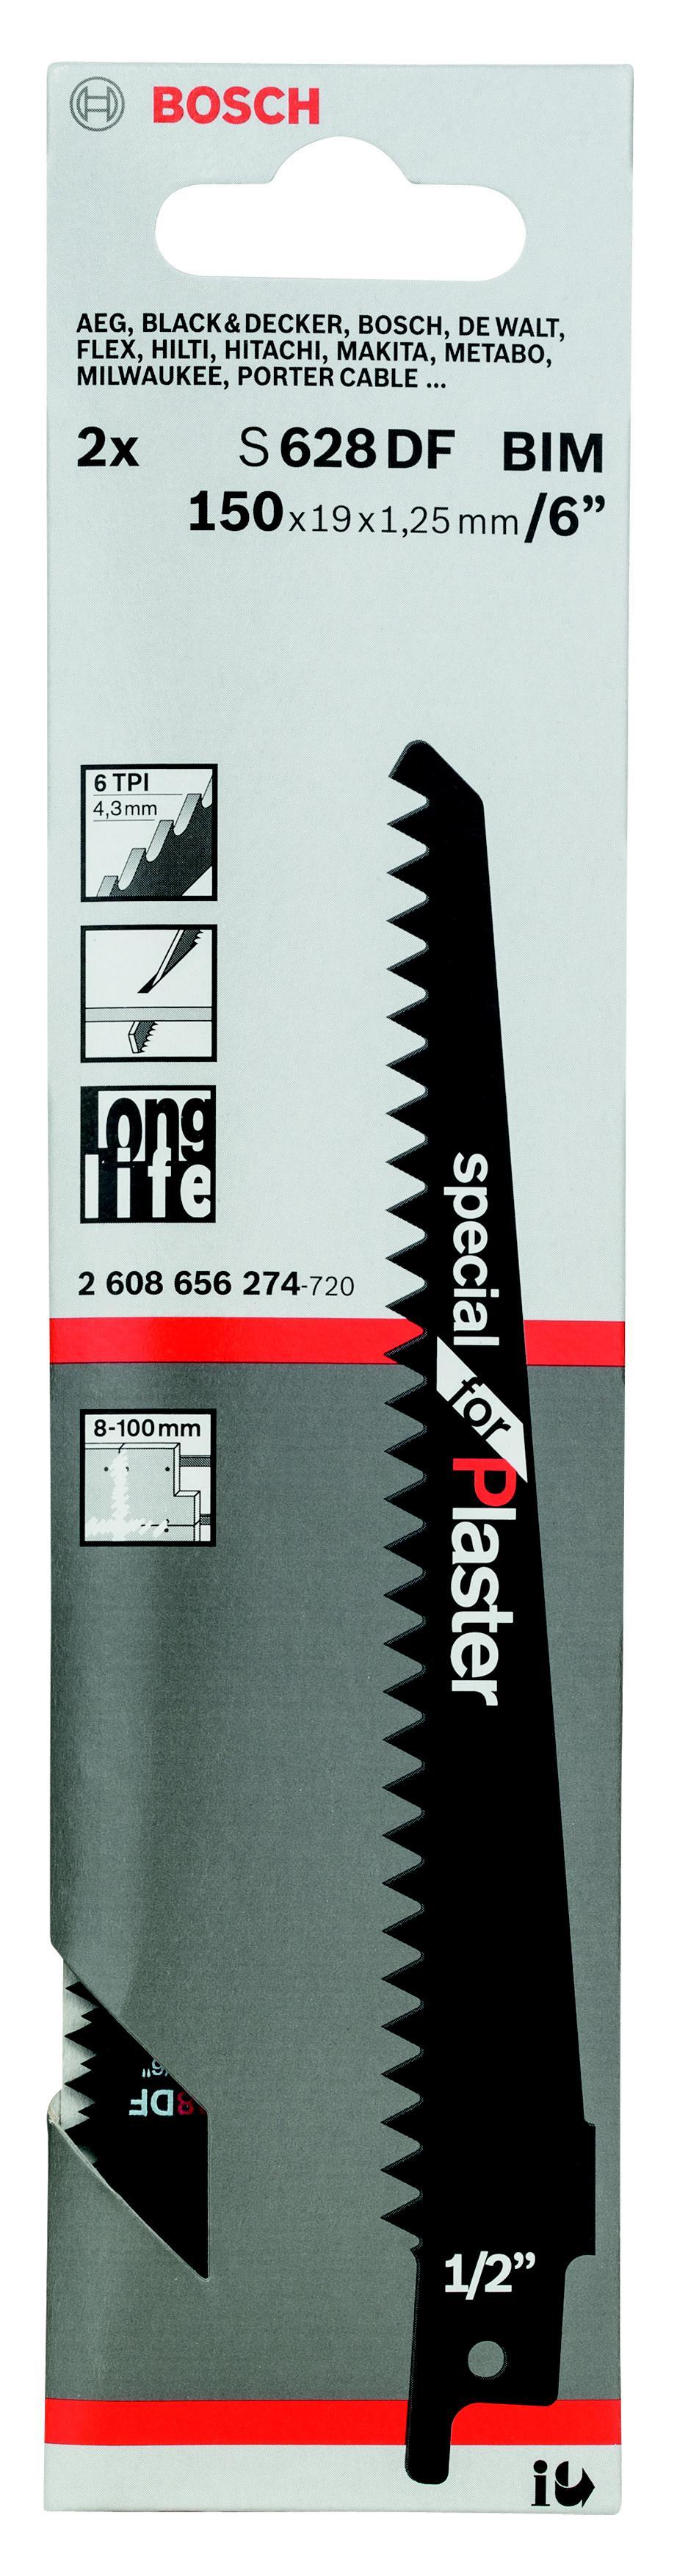 Полотно для сабельной пилы Bosch S 628 df (2.608.656.274) jamo s 628